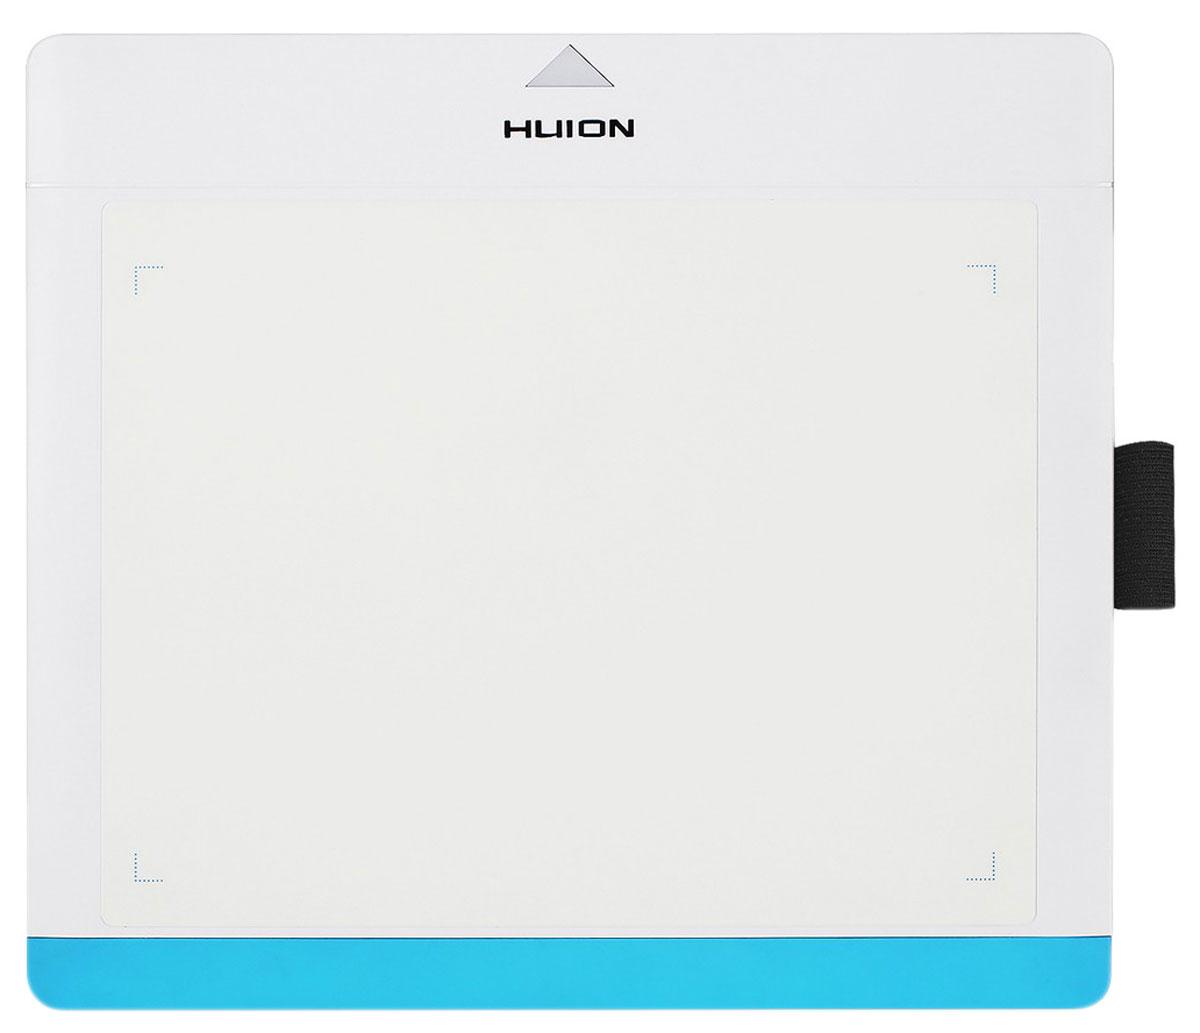 Huion 680TF, White Blue графический планшет680TFHuion 680TF - это универсальный планшет, который одинаково подходит как для новичка, так и для профессионала. Данная модель поможет притворить в жизнь самые смелые идеи. Планшет разработан специально для студентов. 680TF с легкостью помещается в сумку с учебниками, а благодаря слоту для карт памяти, вы можете не расставаться со своими проектами.Технология: электромагнитный резонансРабочая область: 8 х 6 дюйма (203 мм х 152 мм)Максимальная скорость отклика: 220 RPSУровни нажатия: чувствительность 2048 уровняМинимальная высота работы пера: 10 ммДлина кабеля USB: 1,5 мПоддержка карт памяти: microSD, microSDHC, microSDXC до 64 ГБСистемные требования: Windows 7/8/8.1/10, Mac OS X10.8.0 и выше